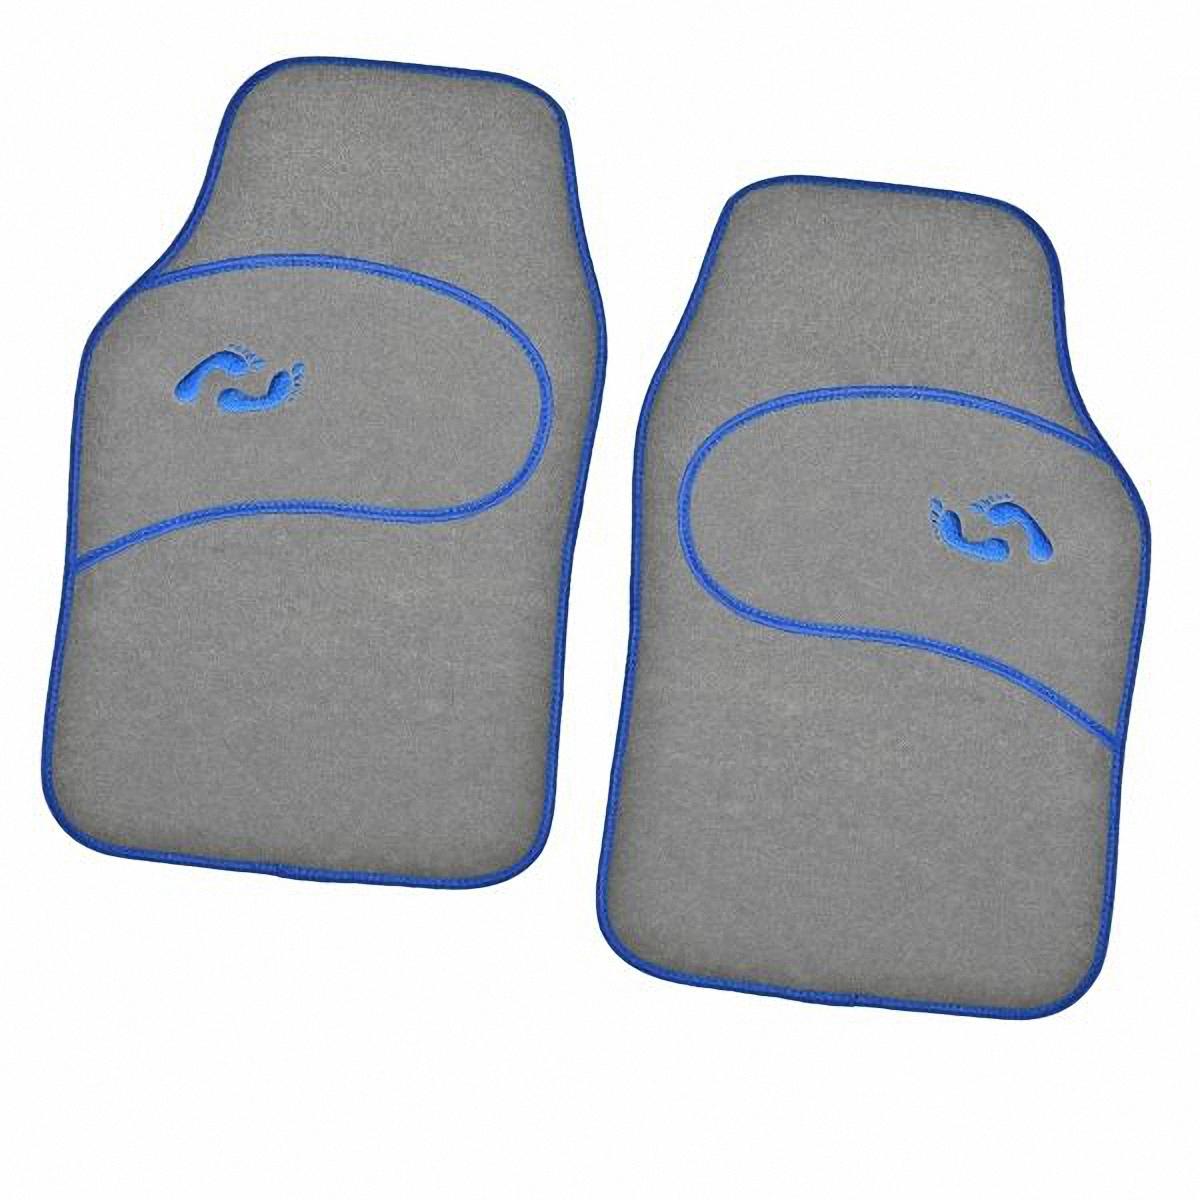 Коврик в салон автомобиля Skyway, передний, цвет: серый, 66 х 44 см, 2 штDH2400D/ORКомплект универсальных передних ковриков салона сохраняет эластичность даже при экстремально низких и высоких температурах (от -50°С до +50°С). Обладает повышенной устойчивостью к износу и агрессивным средам, таким как антигололёдные реагенты, масло и топливо. Усовершенствованная конструкция изделия обеспечивает плотное прилегание и надёжную фиксацию коврика на полу автомобиля.Размер: 66 х 44 см.Комплектация: 2 шт.